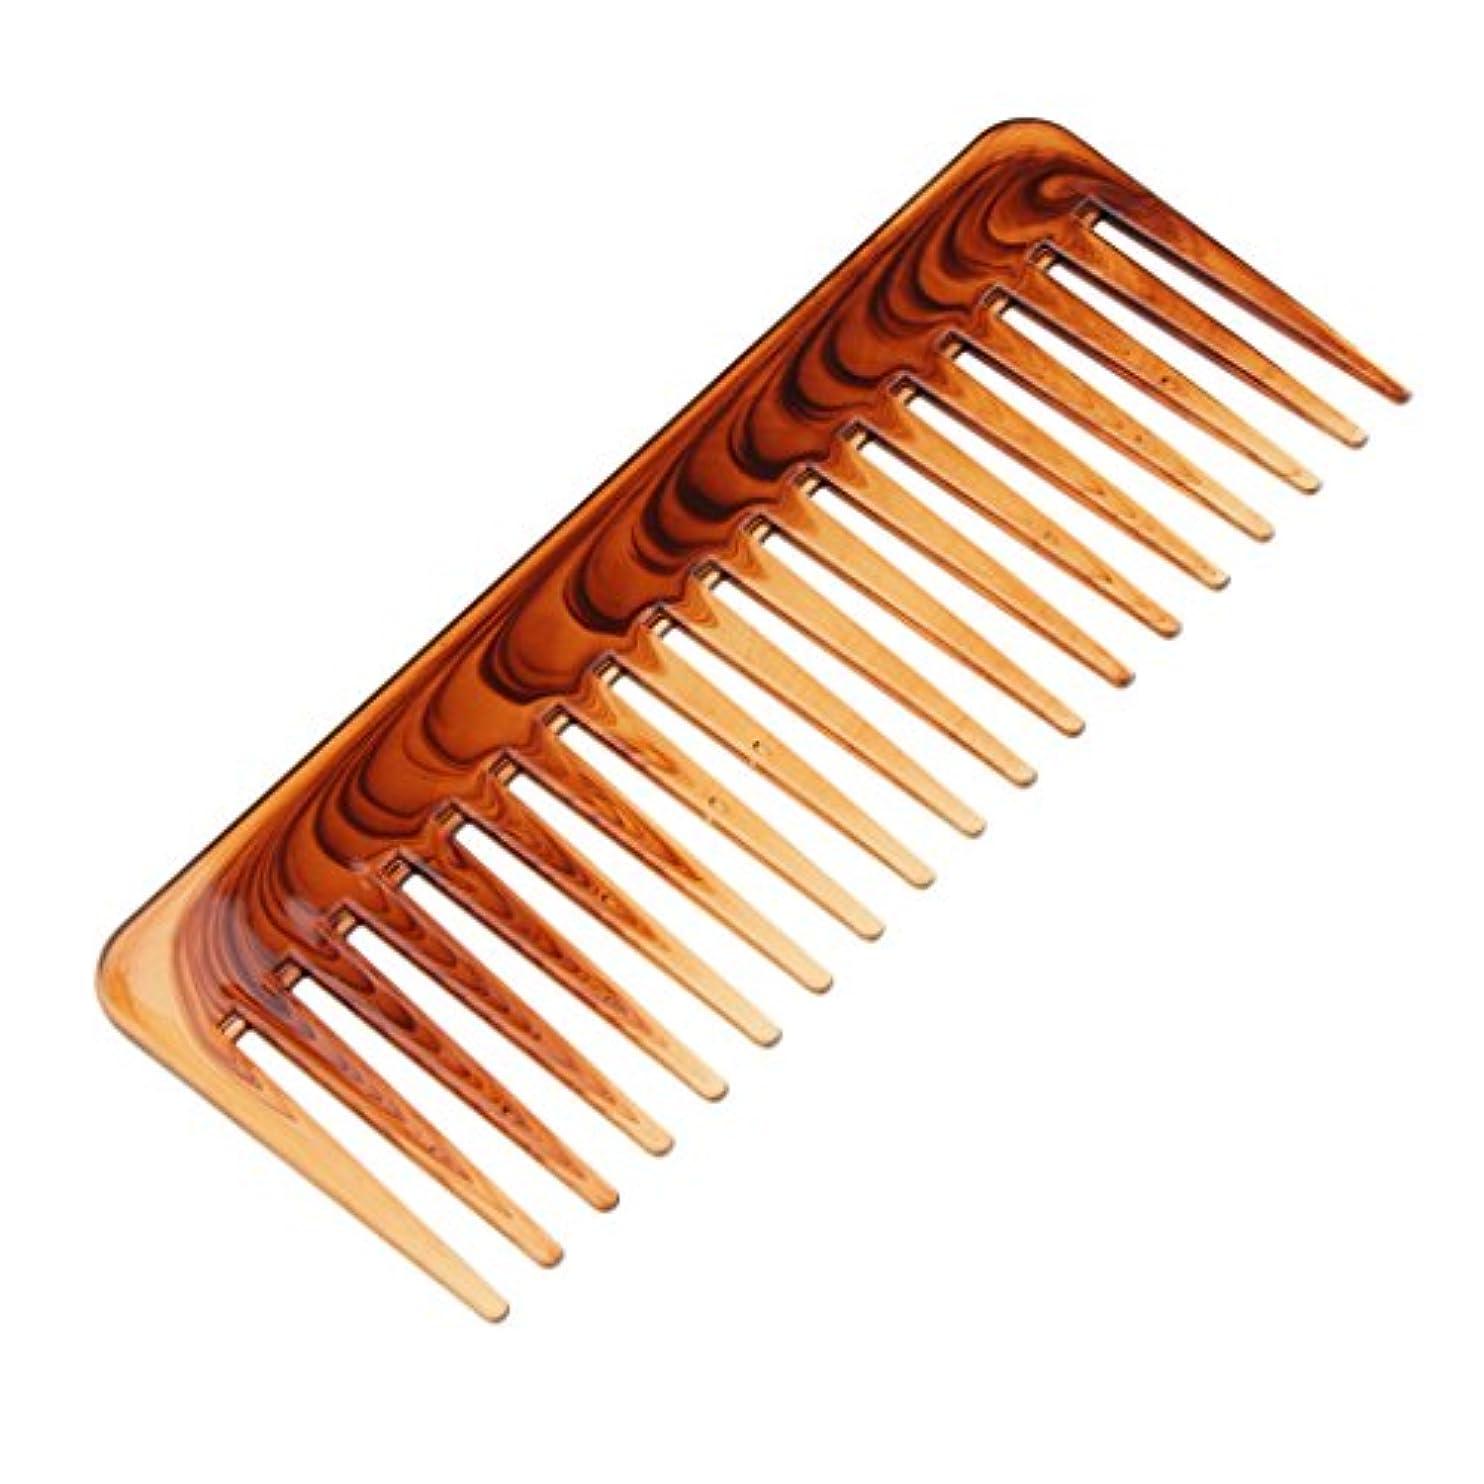 故意の編集者シンプトン絡み合った髪の櫛ヘアコンディショニングレーキの櫛幅のあるヘアブラシのツール